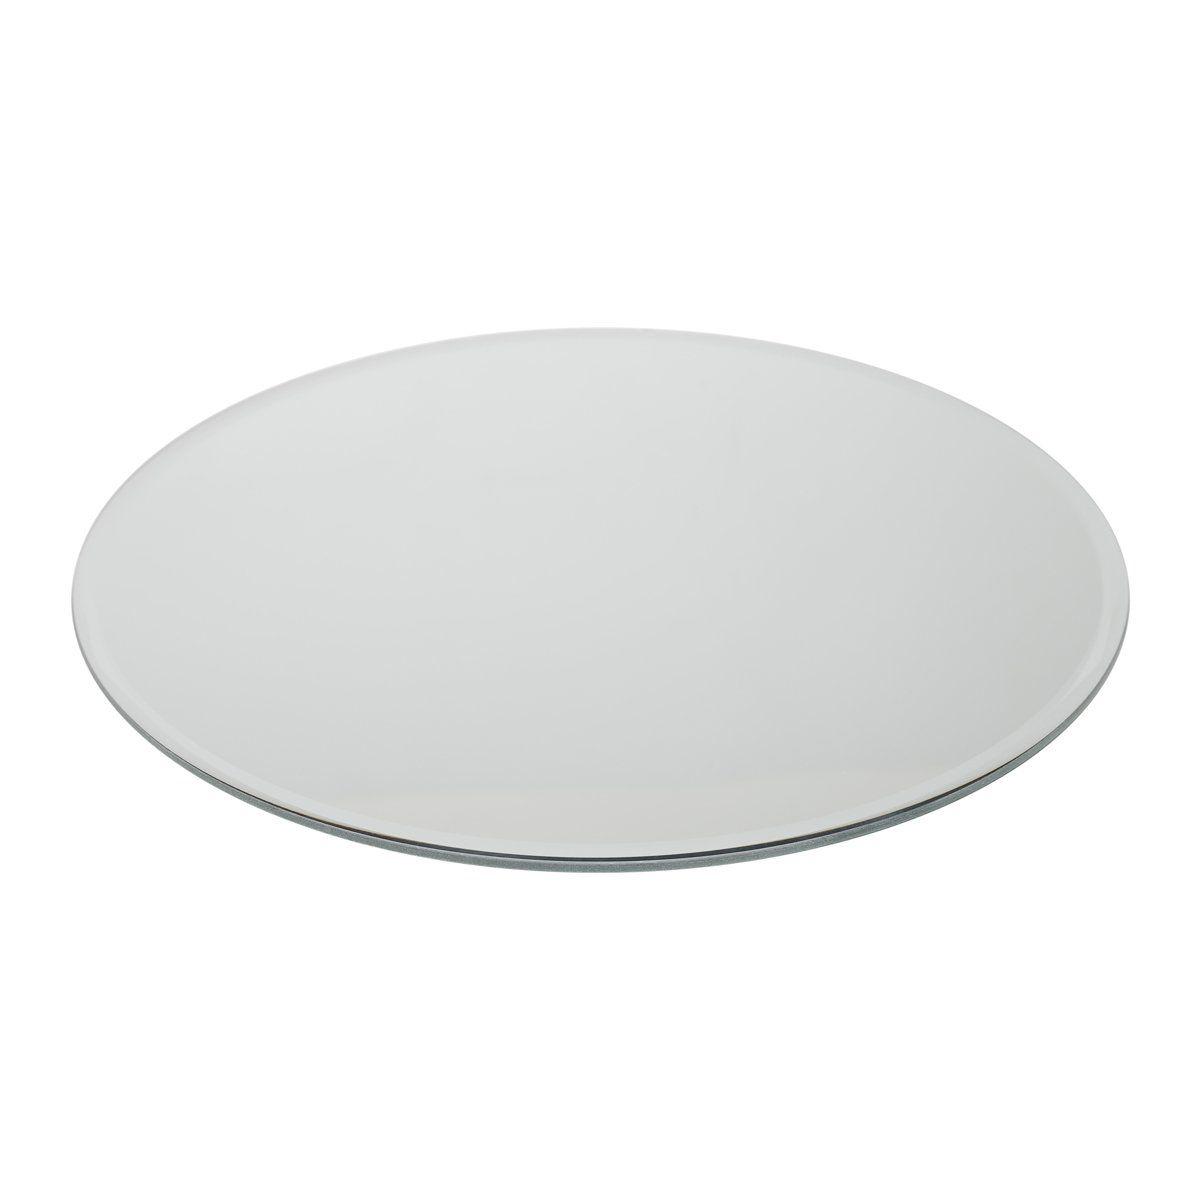 Base, Suporte 15 cm com espelho prateado Prestige - 2865